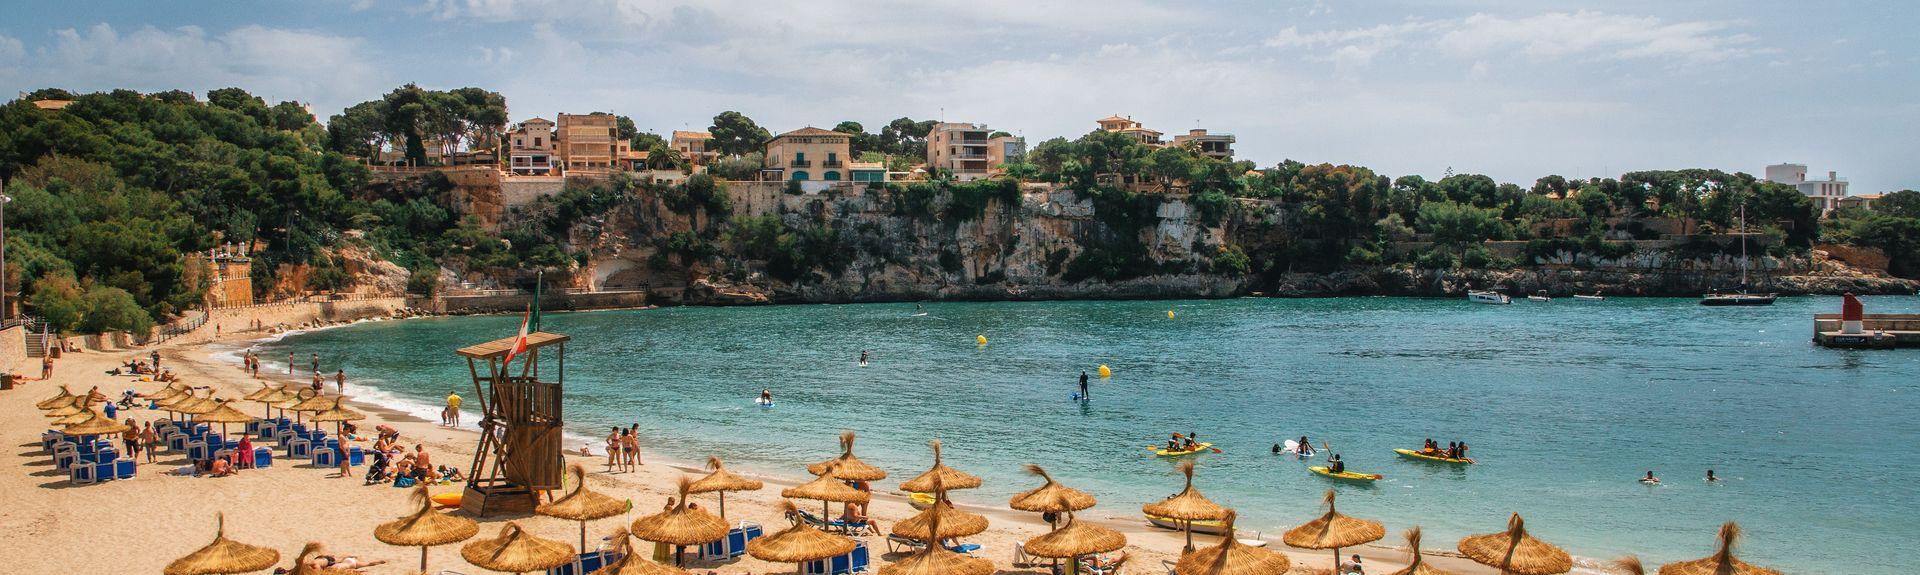 Manacor, Baleary, Hiszpania